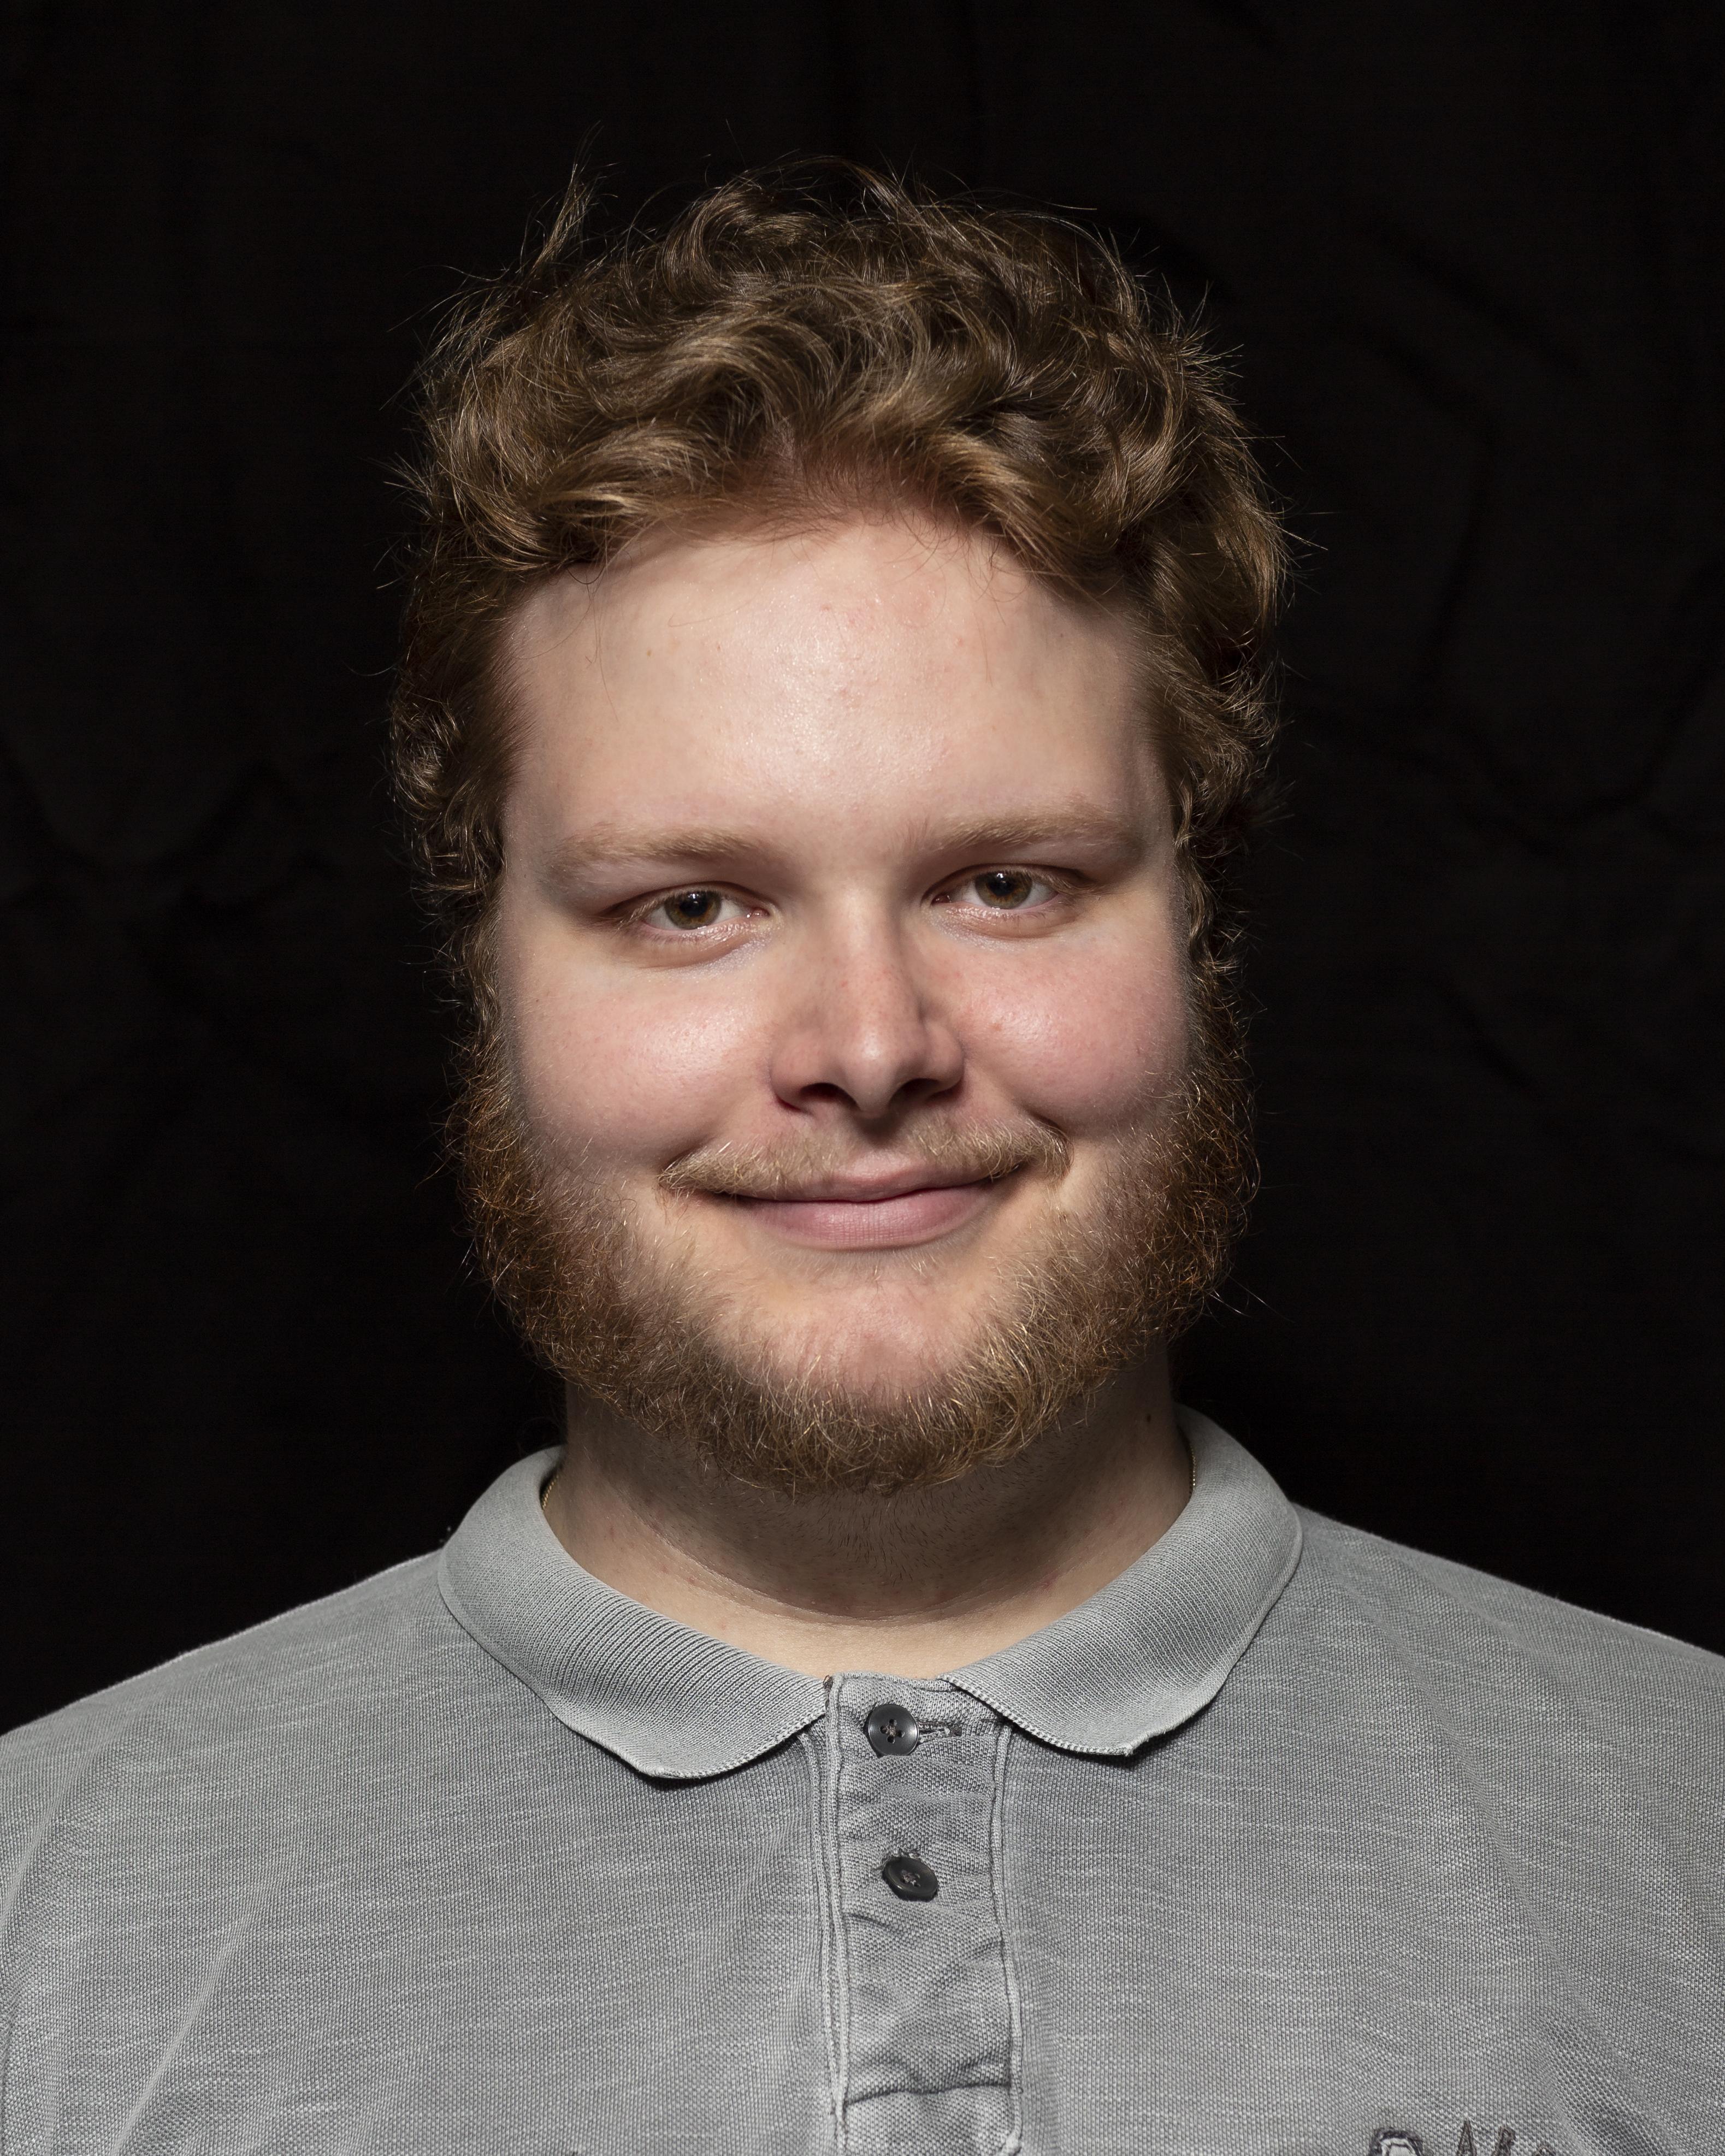 Sebastian Wahl